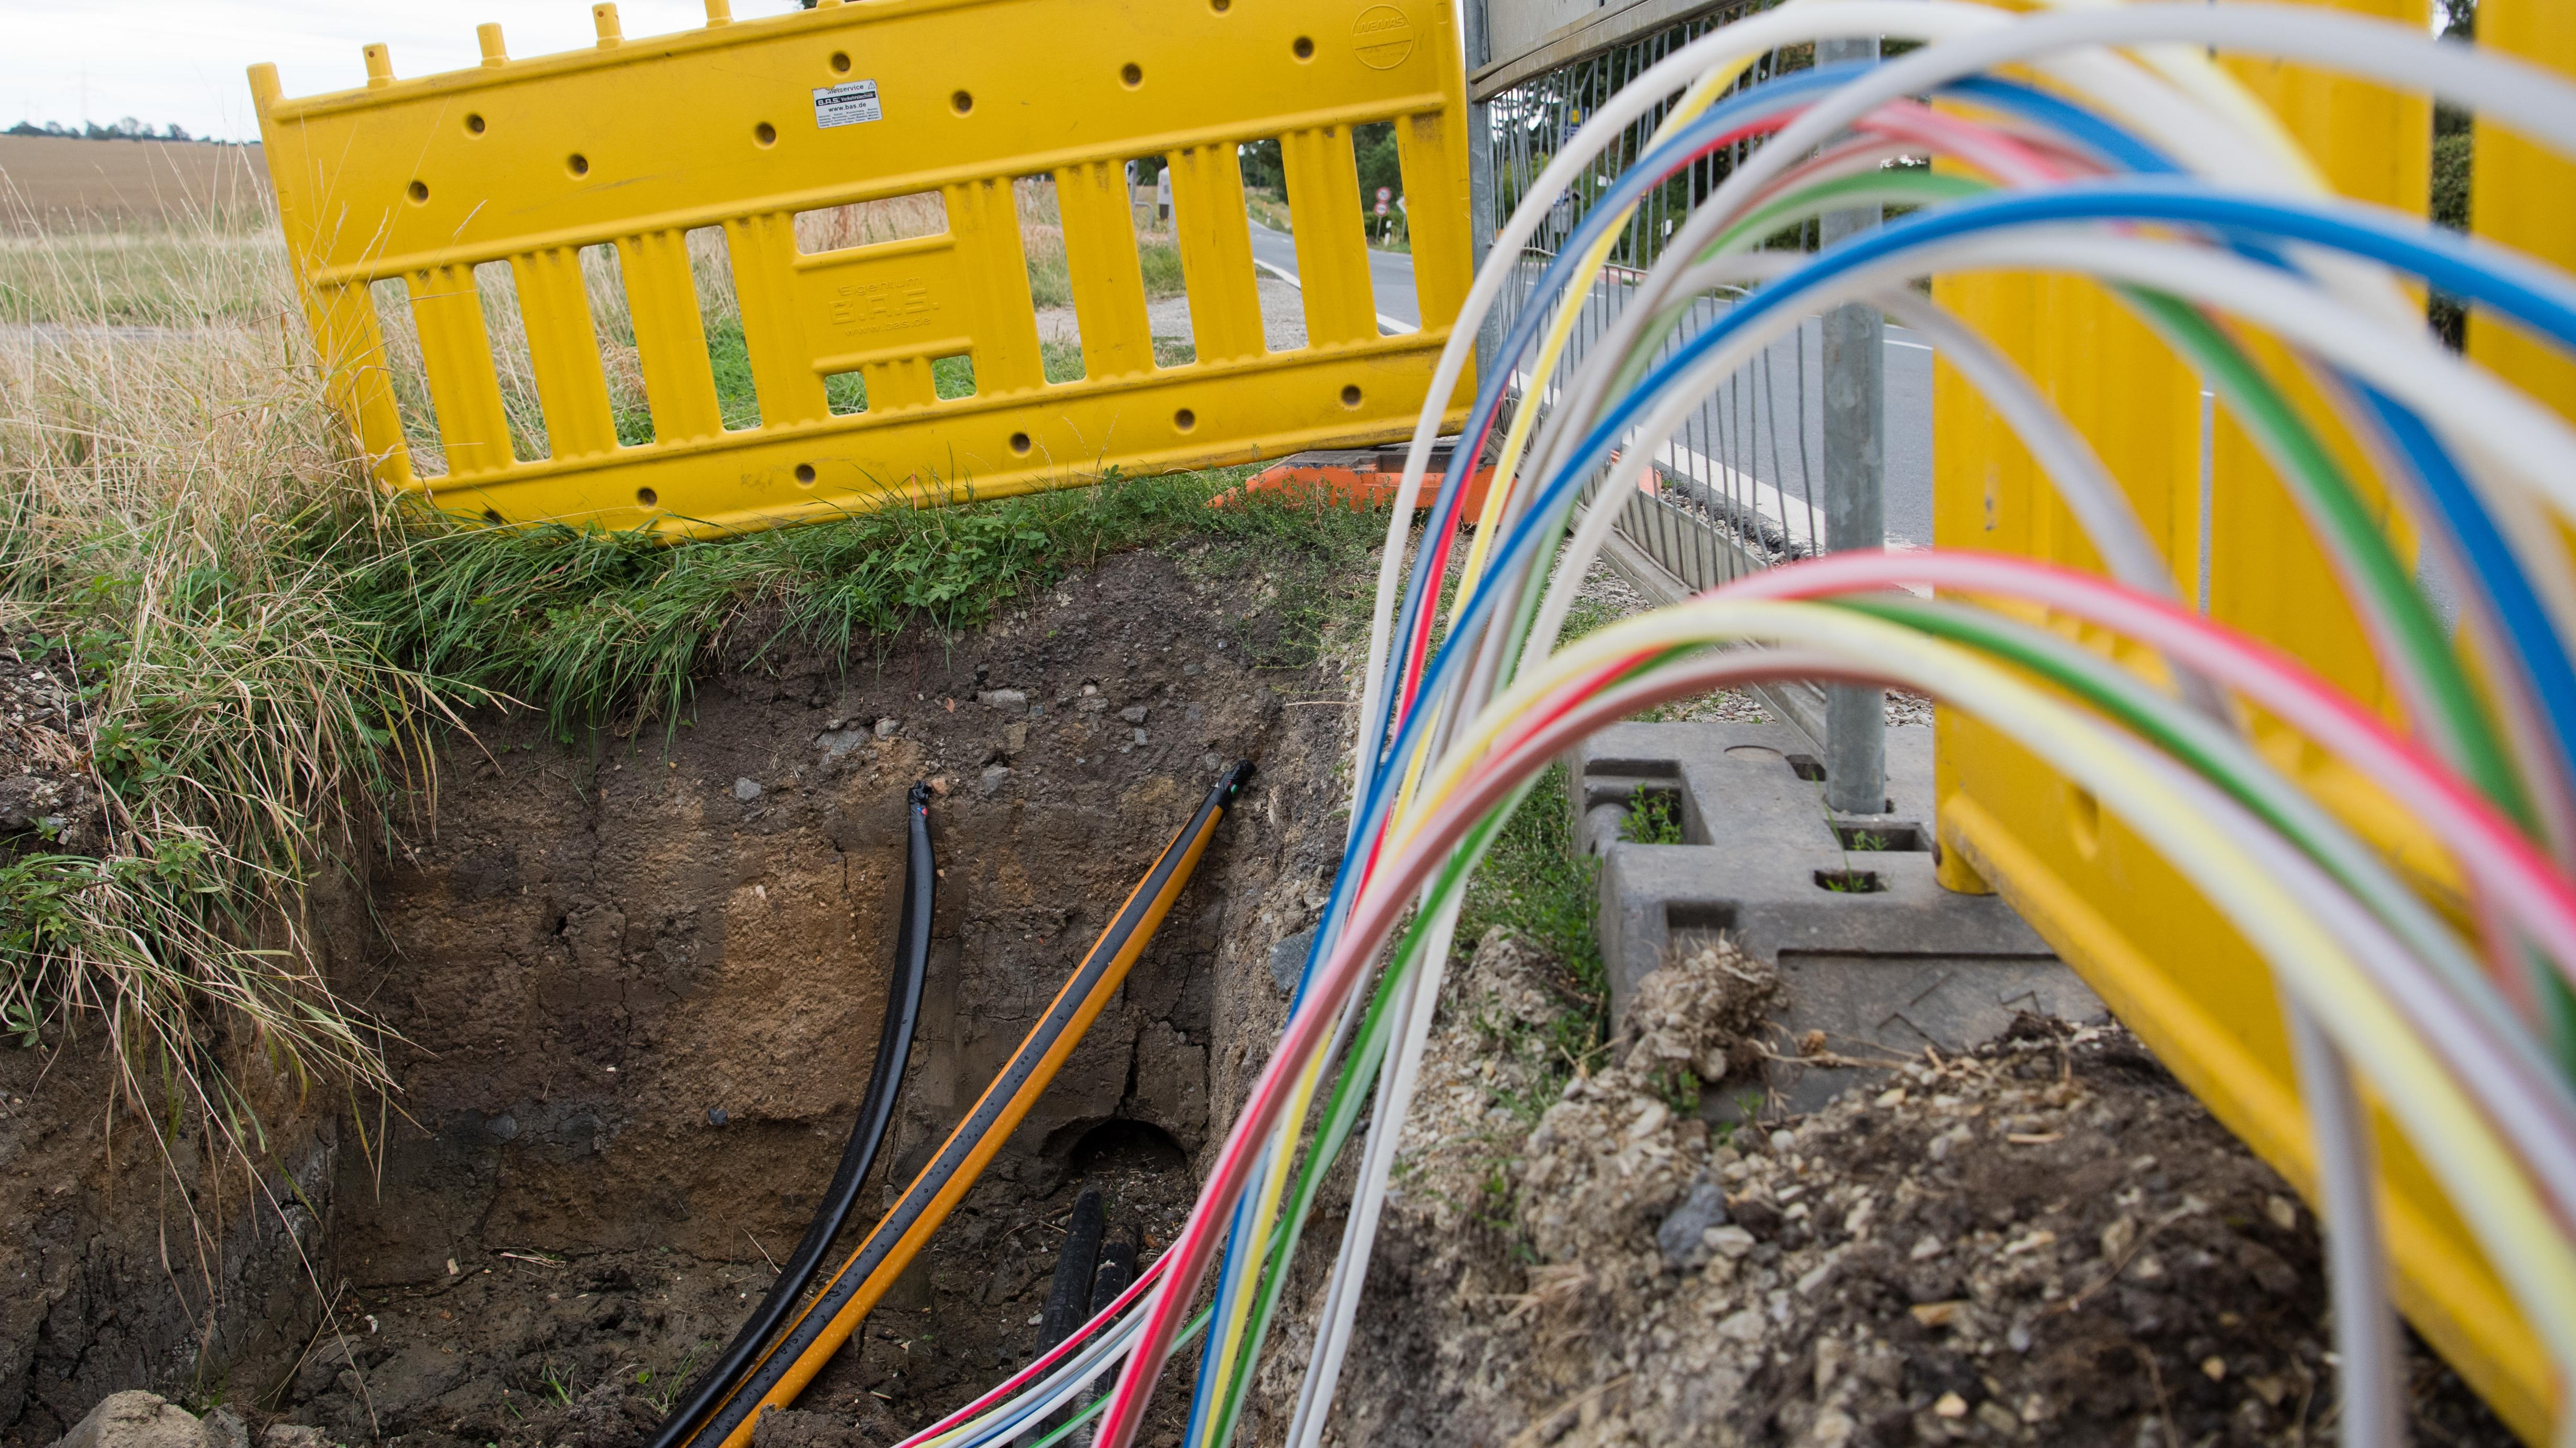 Baustelle zur Verlegung von Glasfaserkabeln für schnelleres Internet